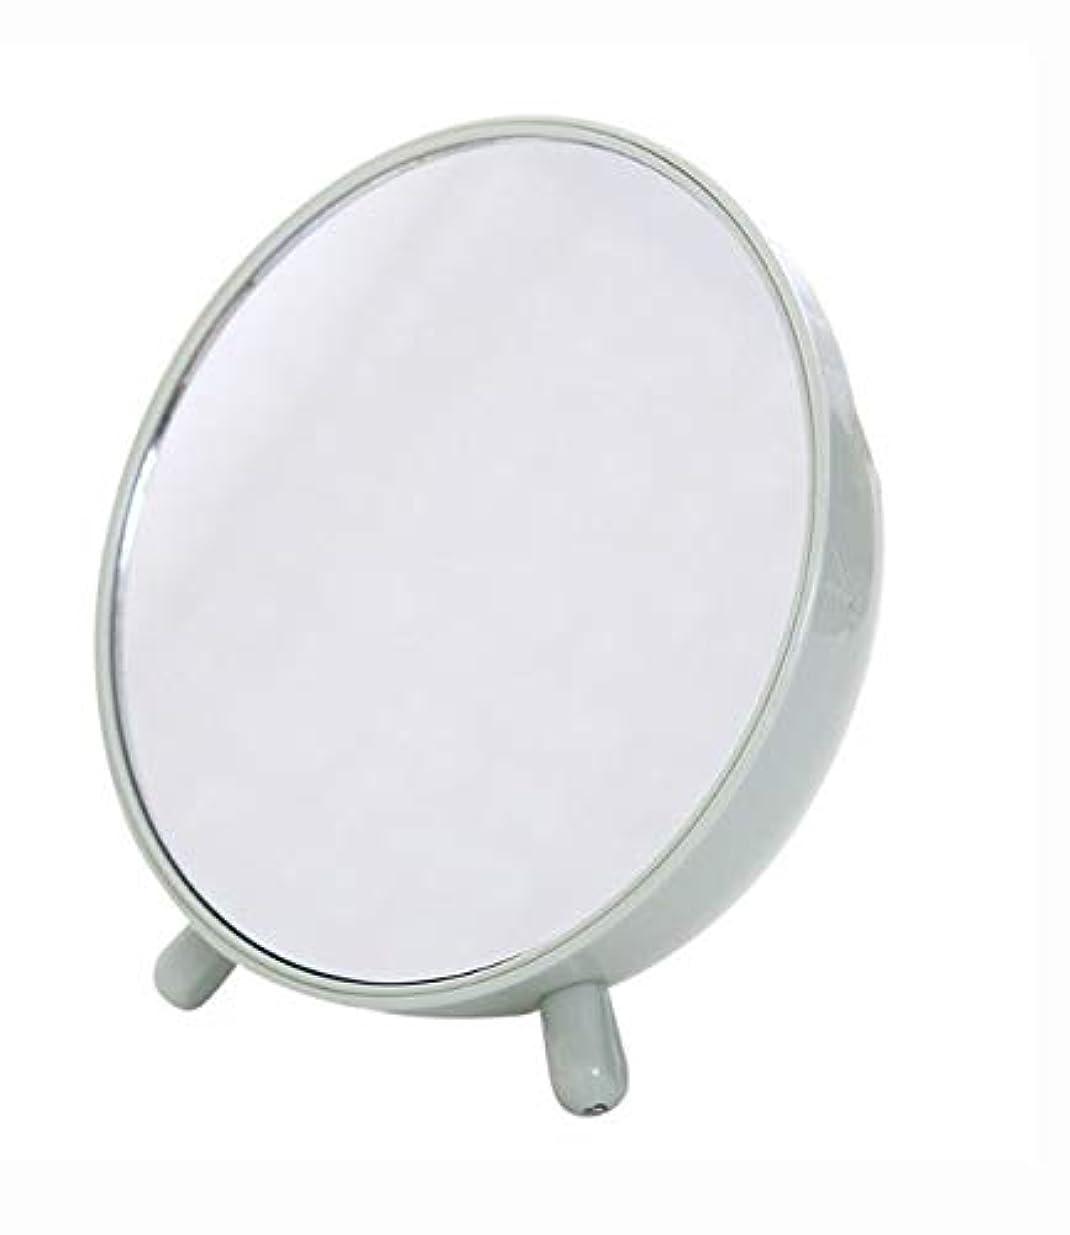 許さない空中覚えている化粧鏡、収納箱の化粧品のギフトが付いている緑の簡単な円形のテーブルの化粧鏡